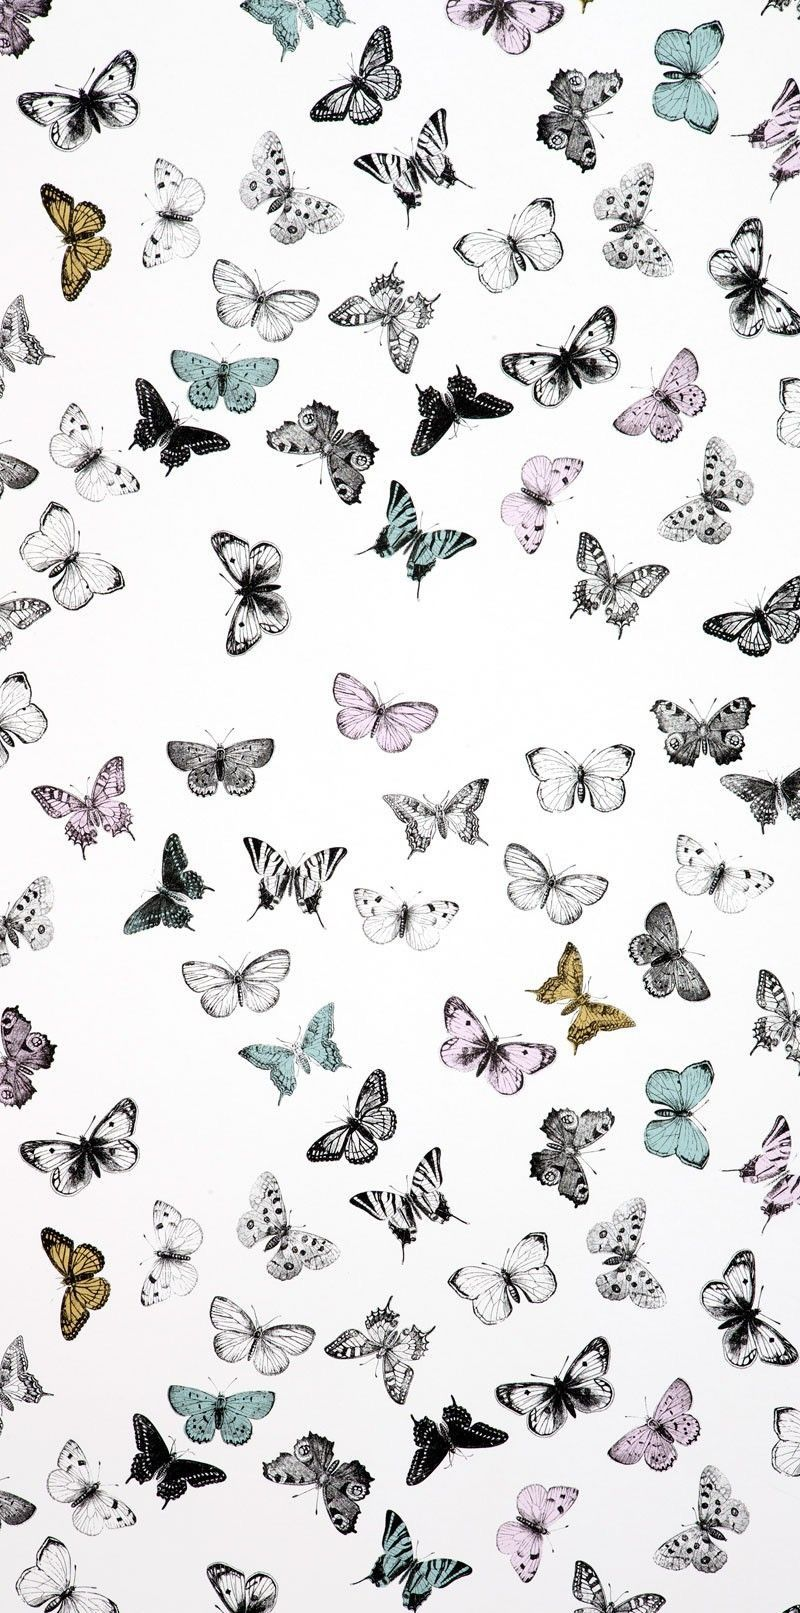 B Utterflies Butterfly Wallpaper Iphone Iphone Wallpaper Vintage Butterfly Wallpaper